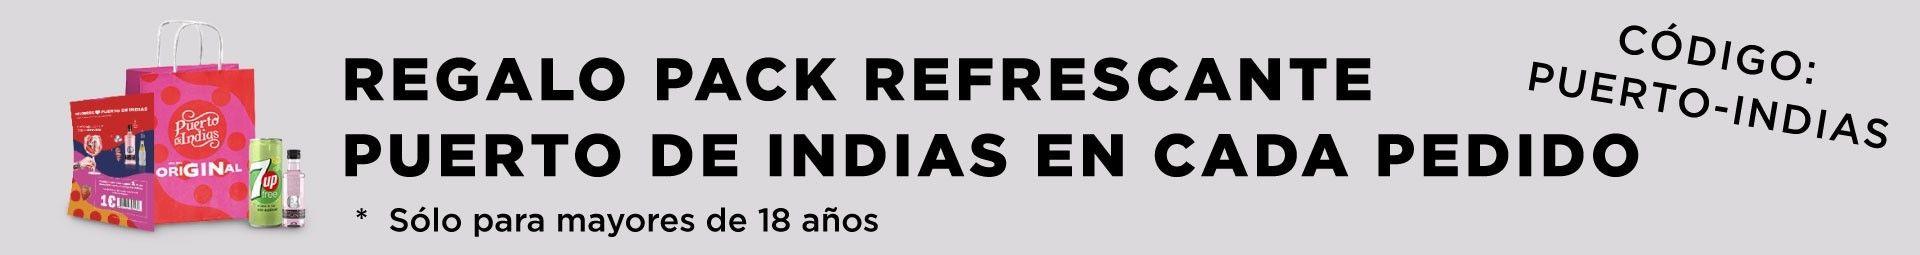 Promoción puerto de indias